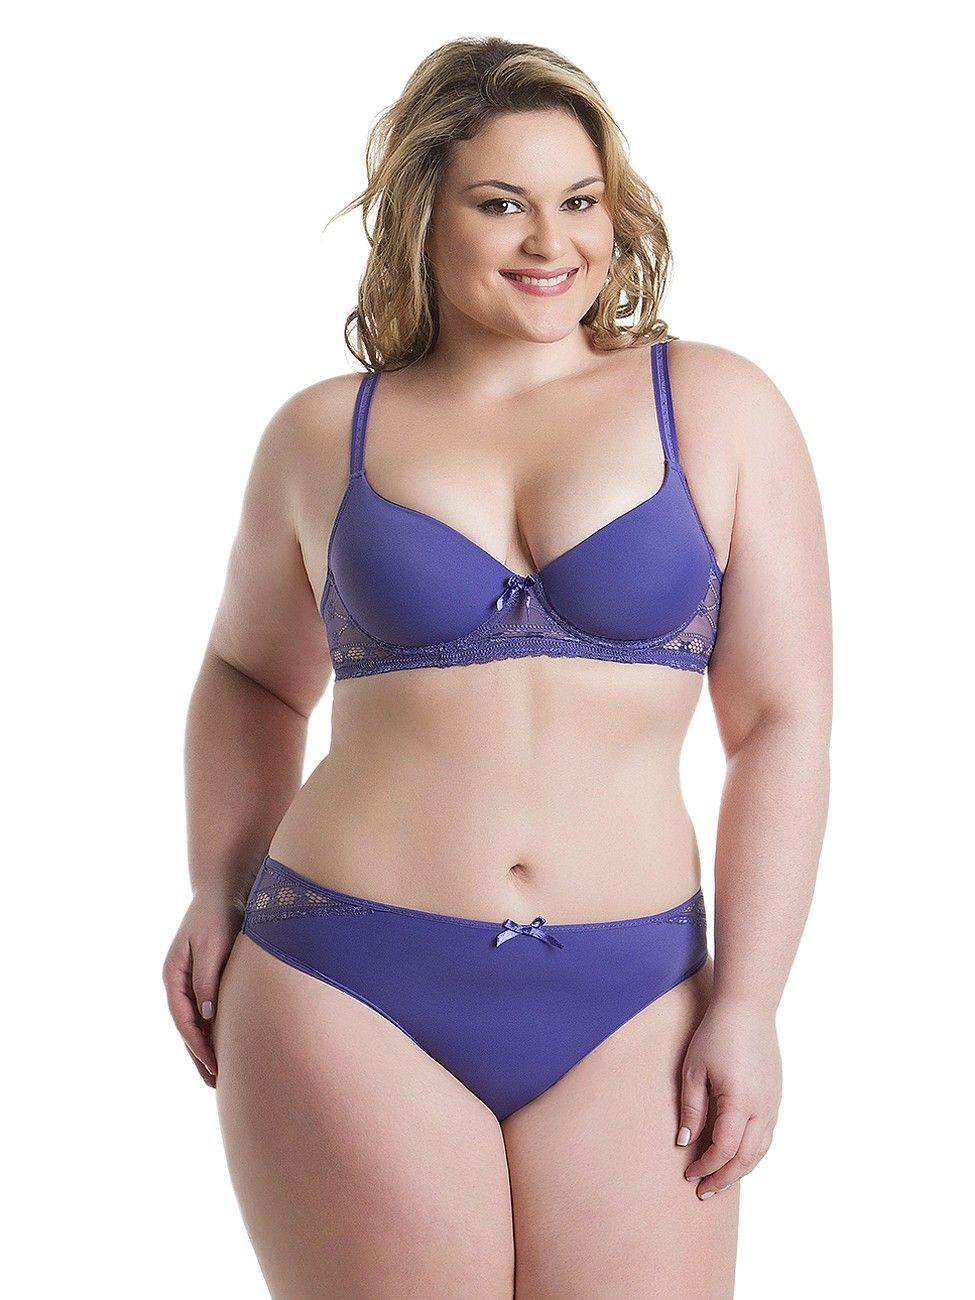 Plus Size Lingerie Models | Moda Plus Size: Escolha a cor da ...